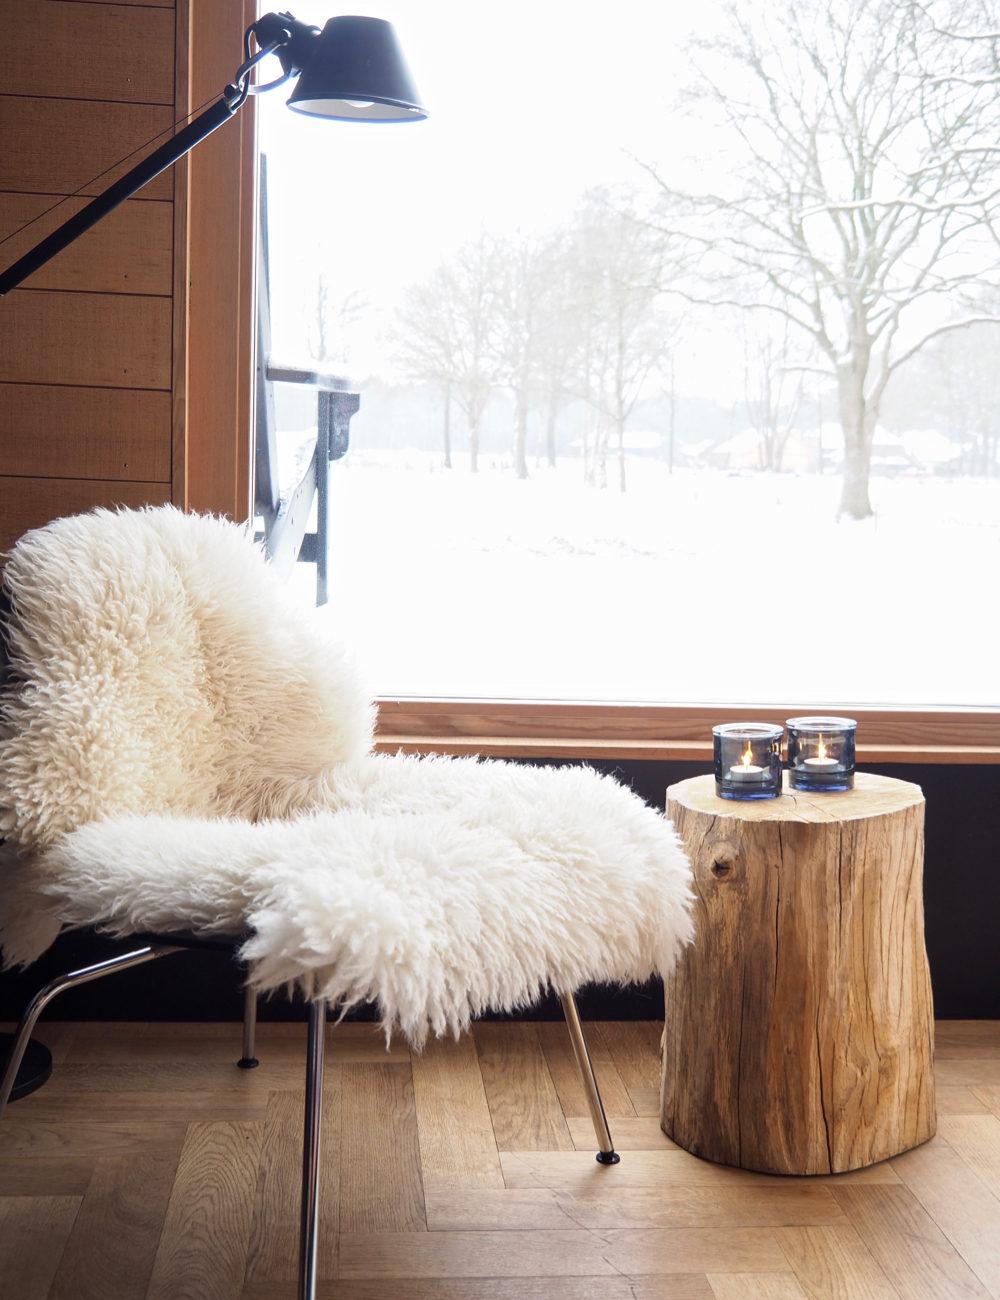 Een stoel met een witte schapenvacht voor een groot raam met uitzicht op een sneeuwlandschap